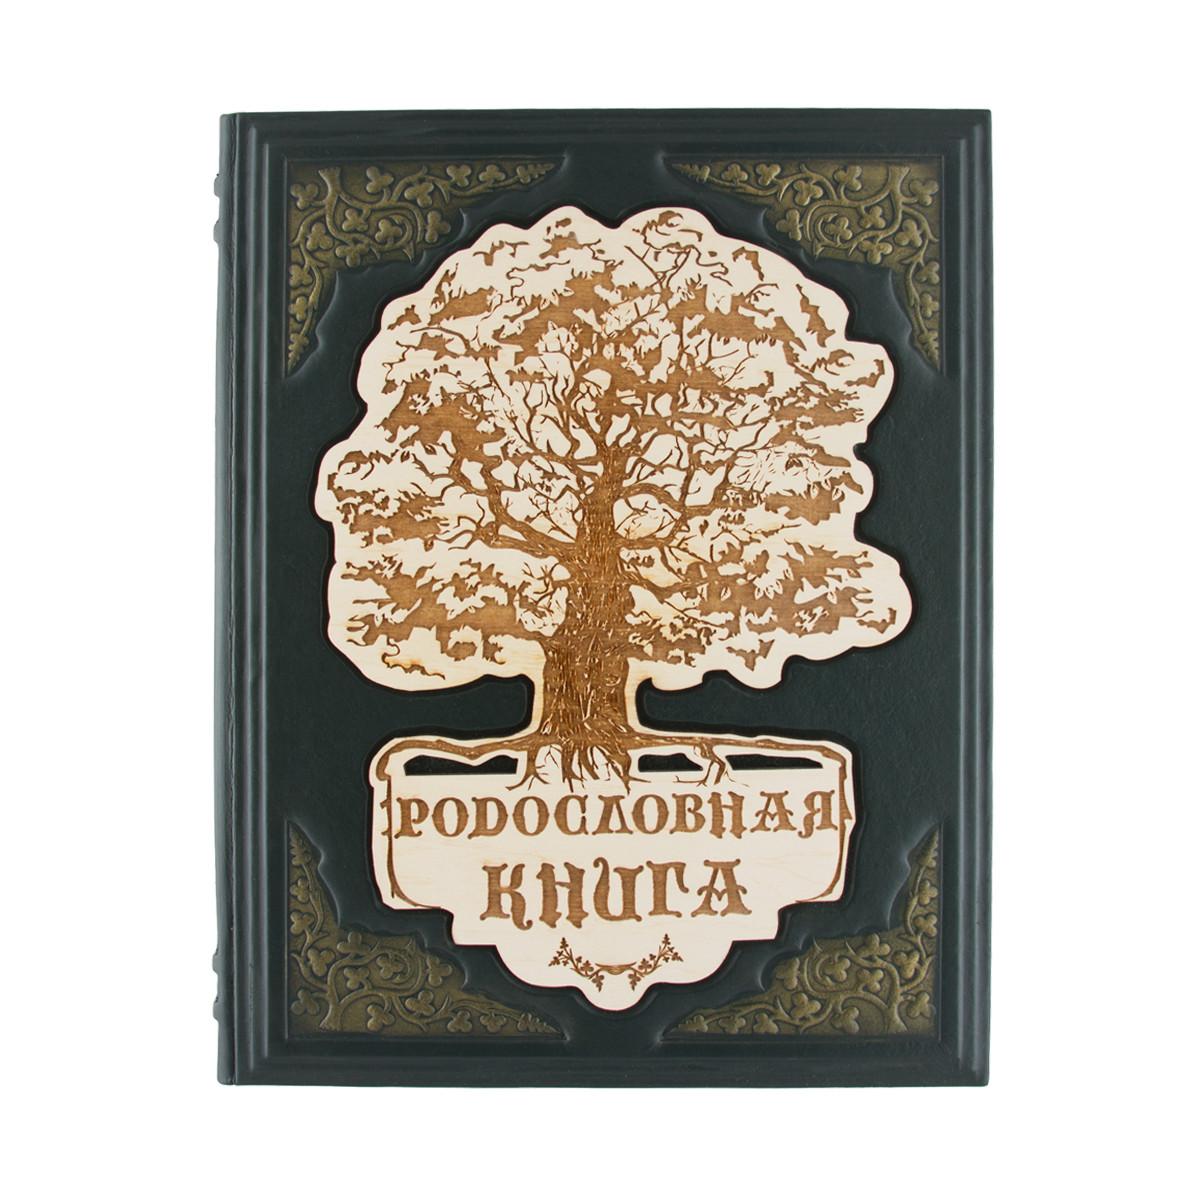 Родословная книга в кожаном переплете зеленого цвета со вставкой из дерева